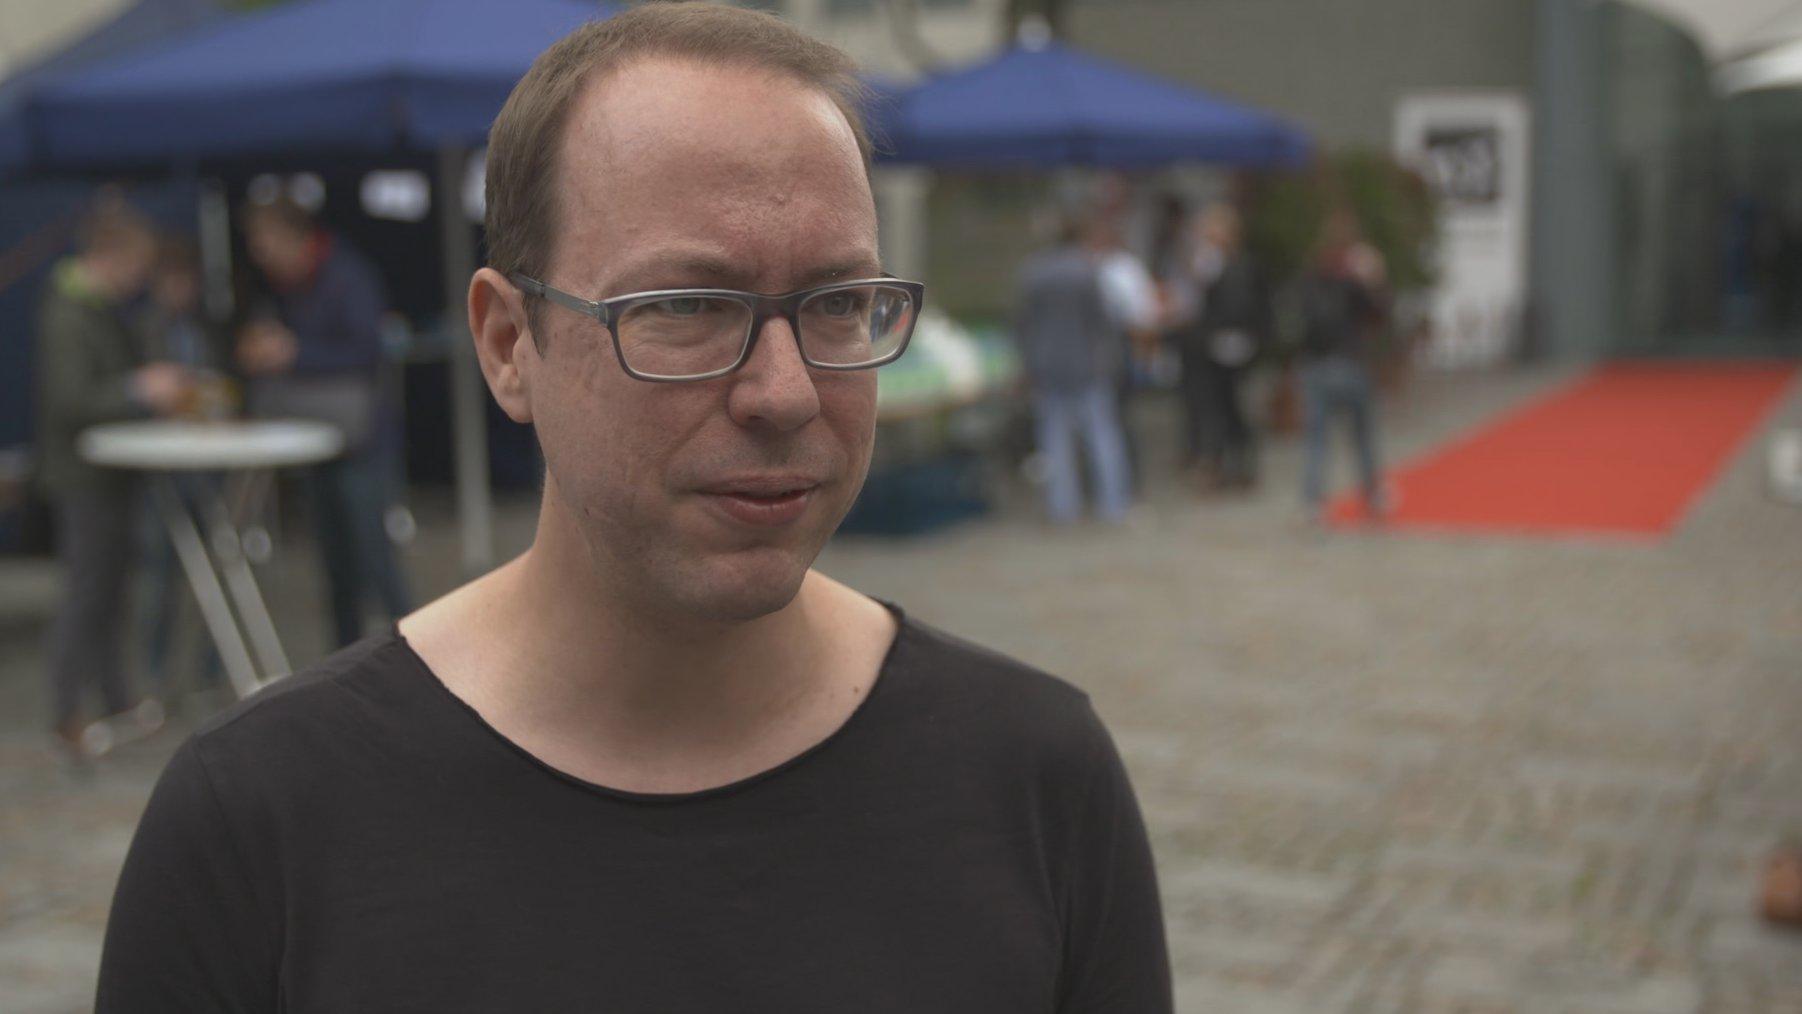 Umfrage: Vertrauensverlust der Medien, Blogger Markus Beckedahl